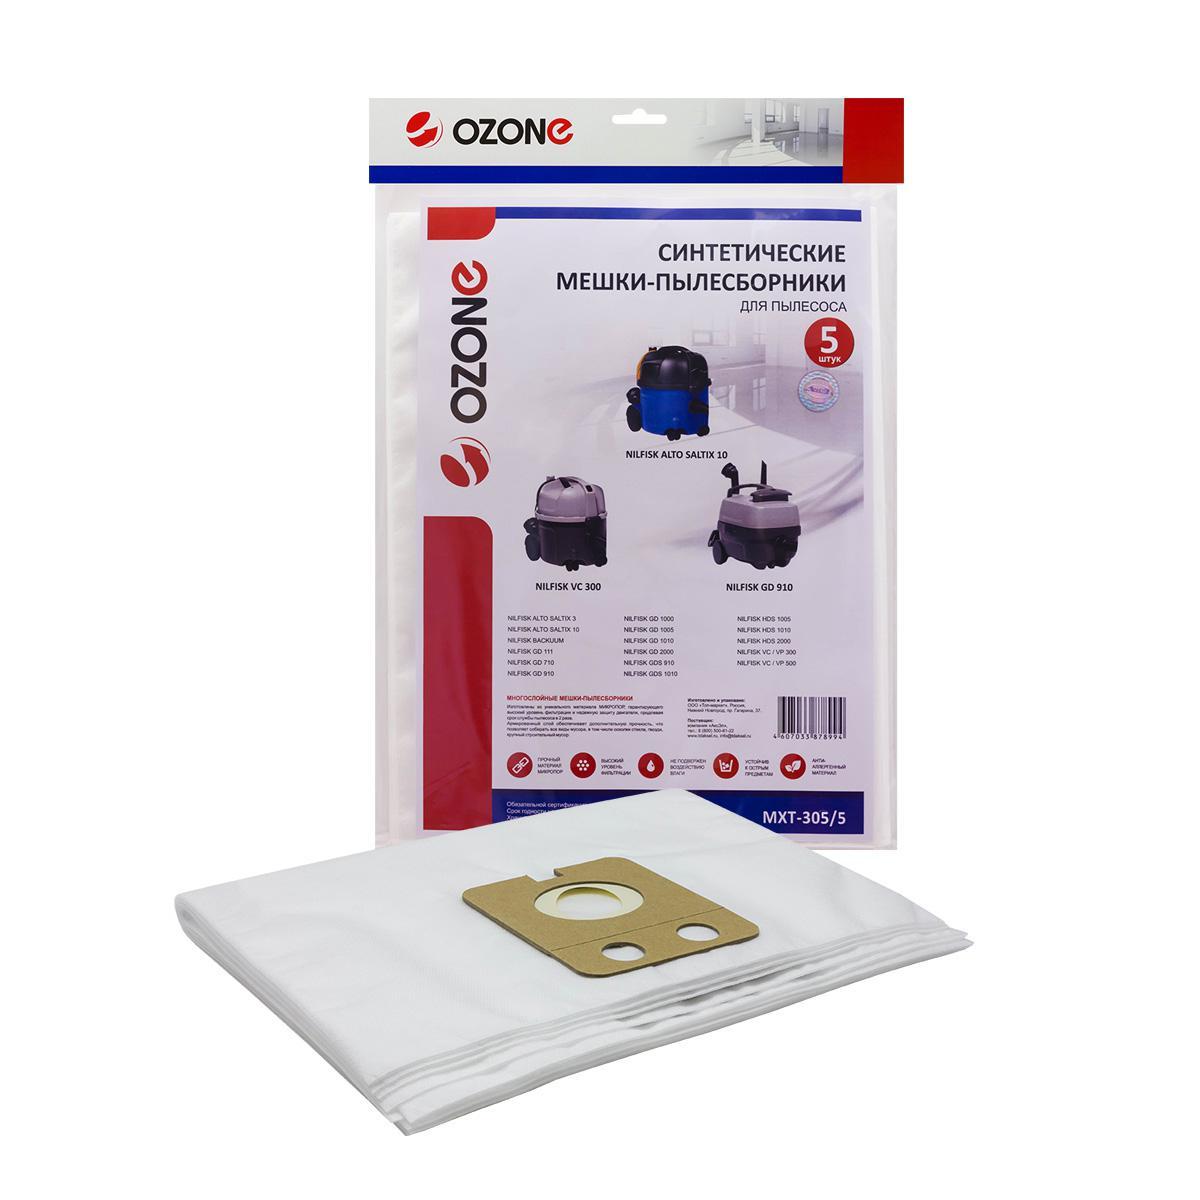 все цены на Мешок Ozone Mxt-305/5 онлайн